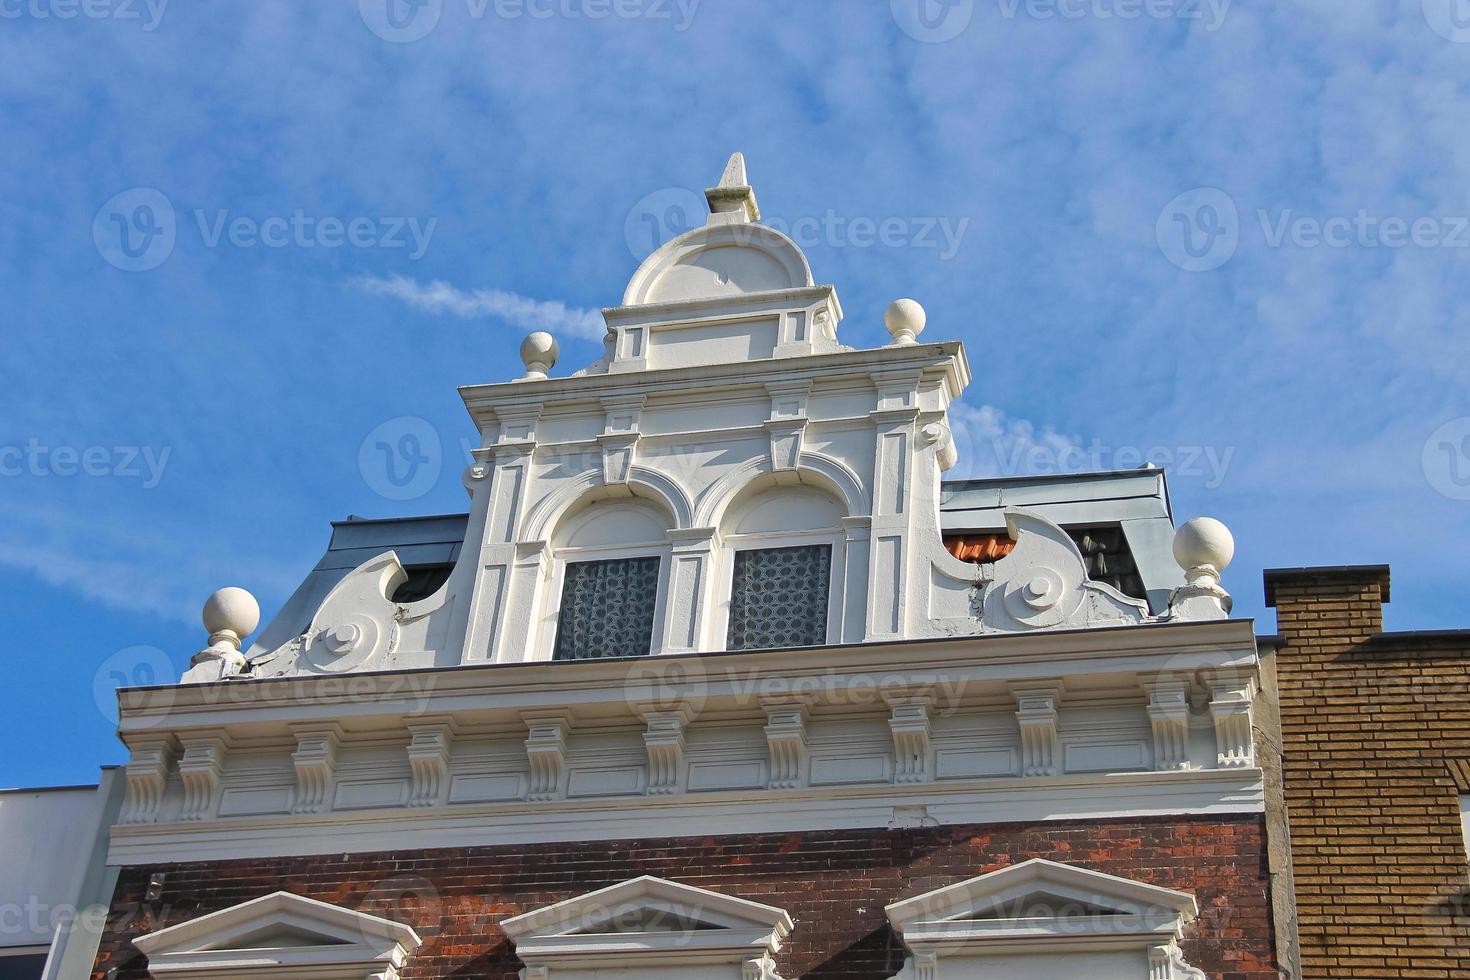 fasad på en vacker byggnad i den nederländska staden Dordrecht, foto